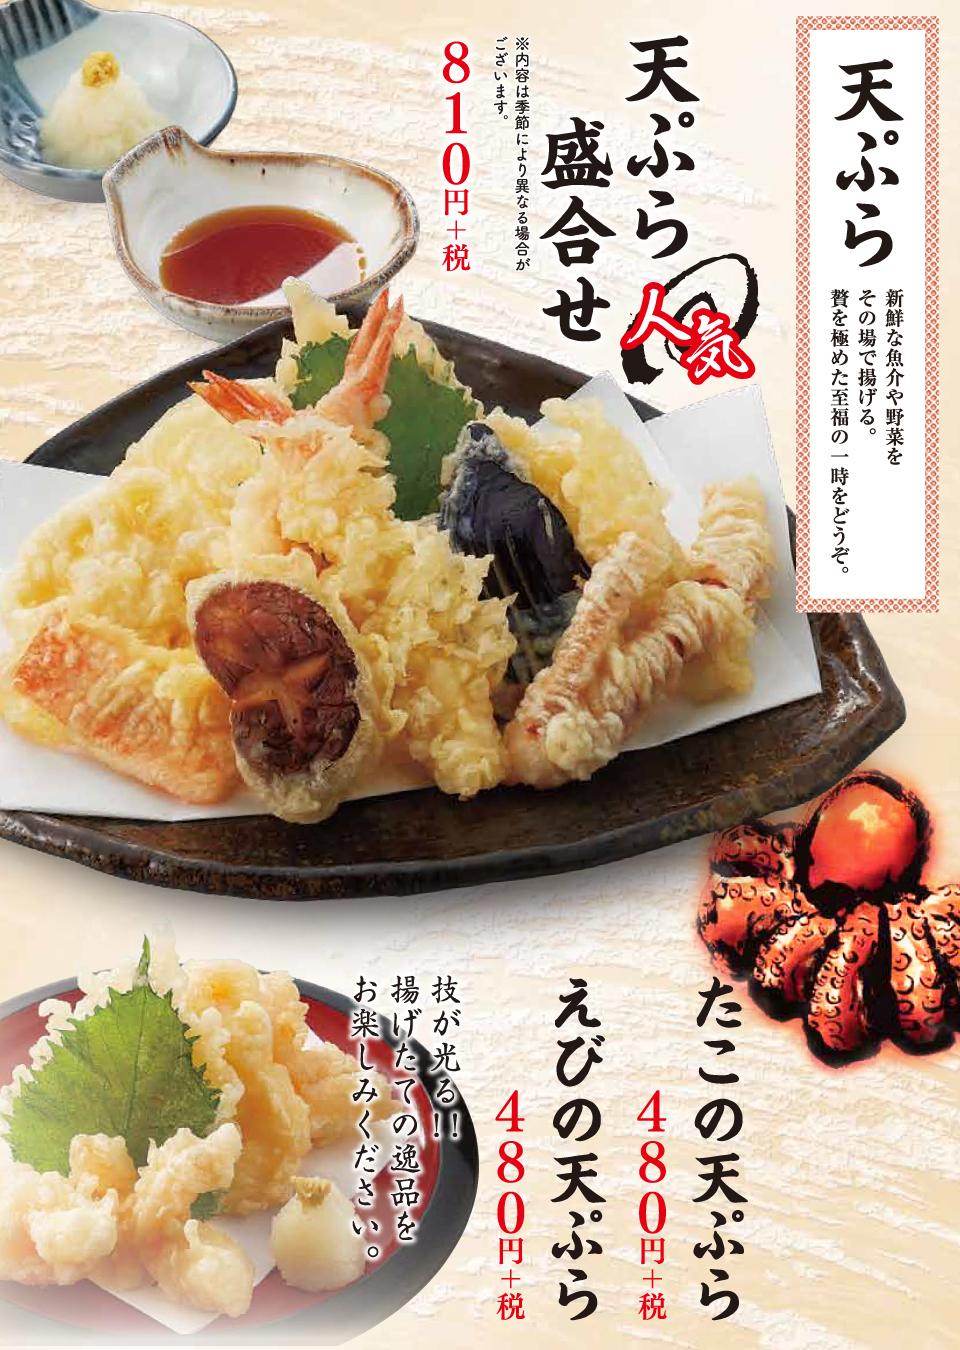 海心丸 天ぷら